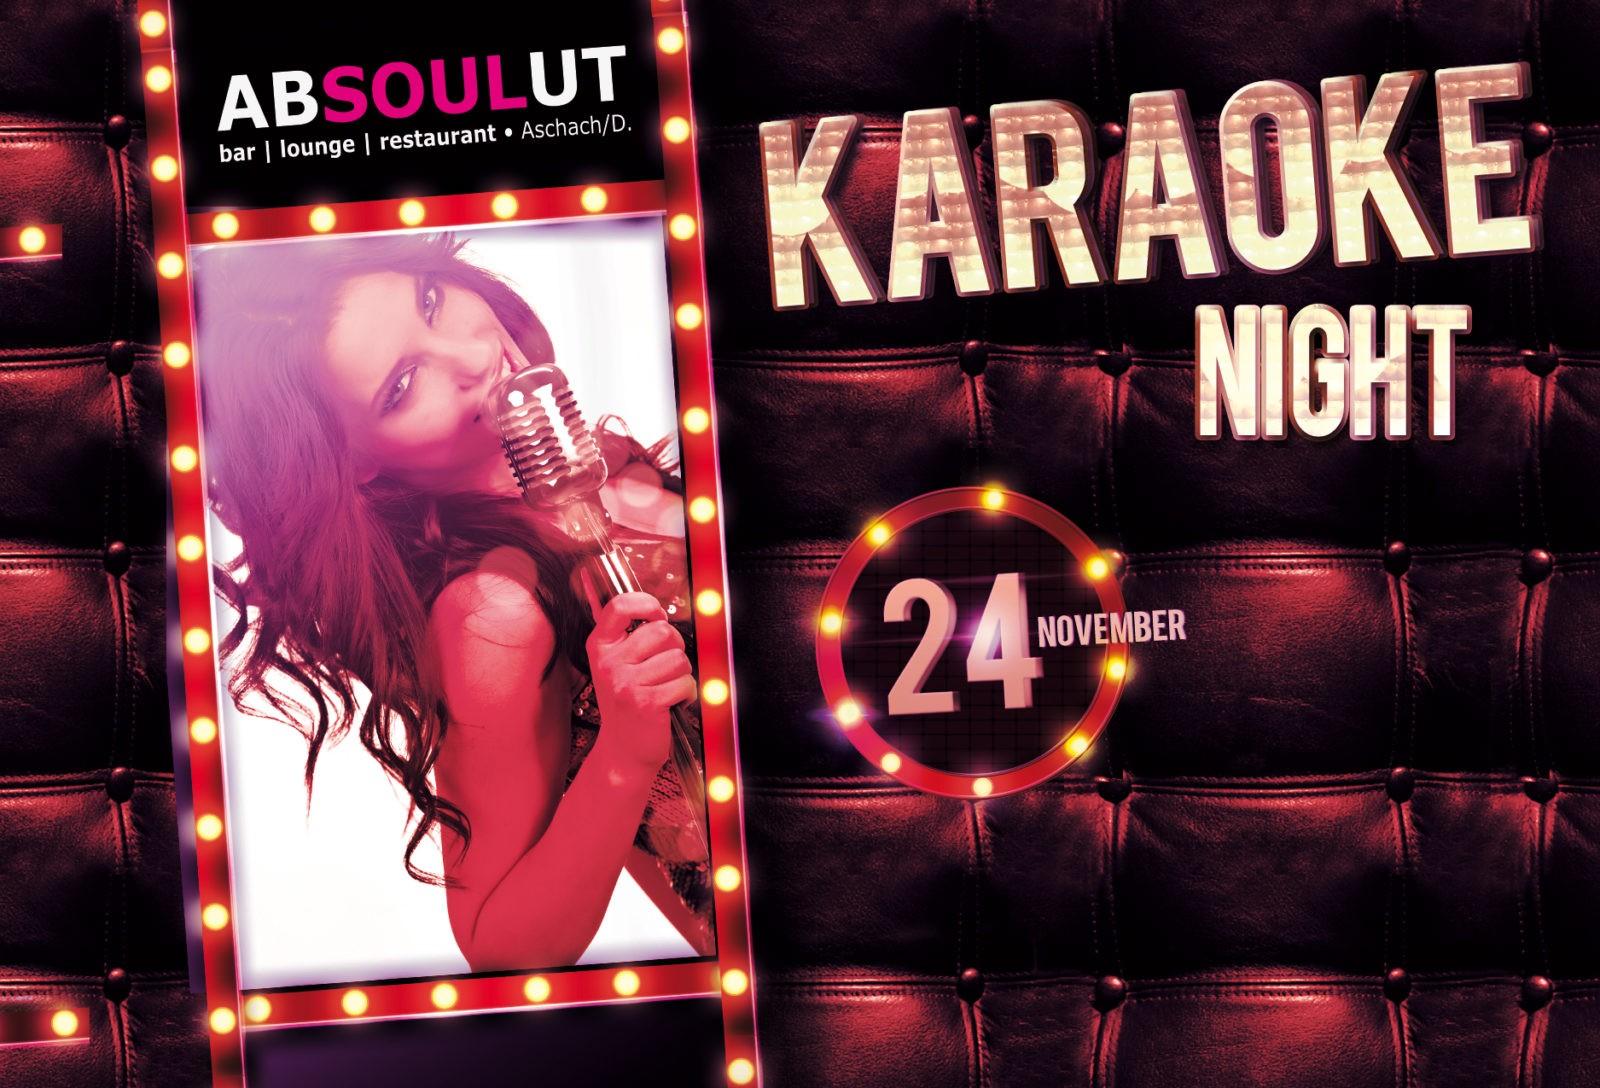 Absolut Bar Restaurant Events - Karaoke